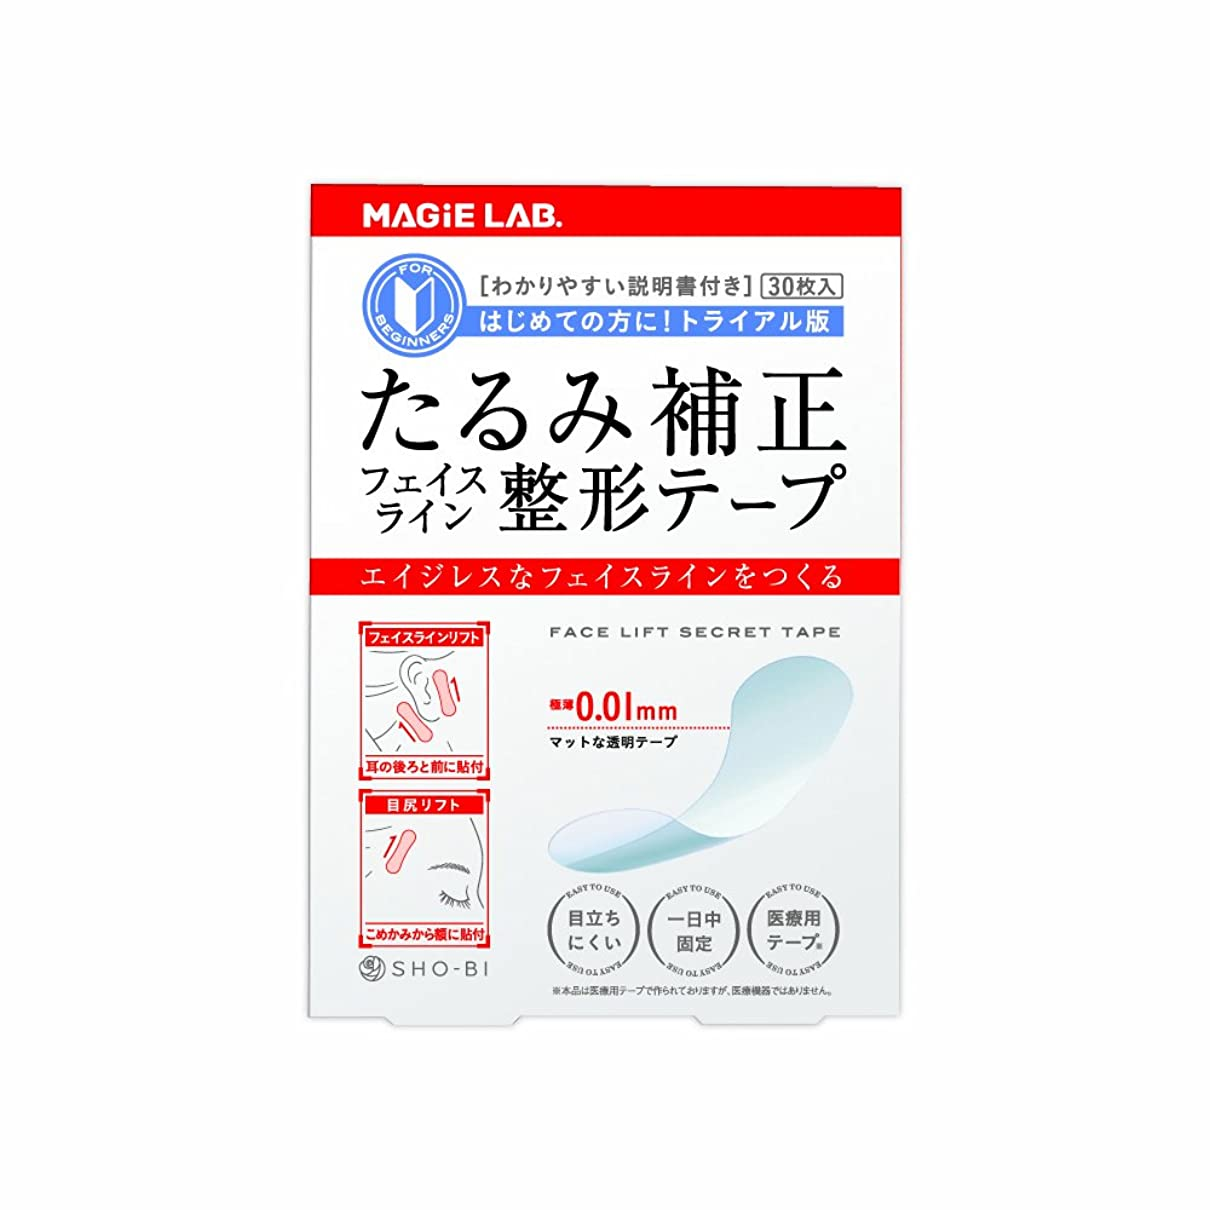 地球本気こどもの宮殿フェイスライン 整形テープ トライアル版 30枚入 ( MG22106 ) マジラボ MAGiE LAB.